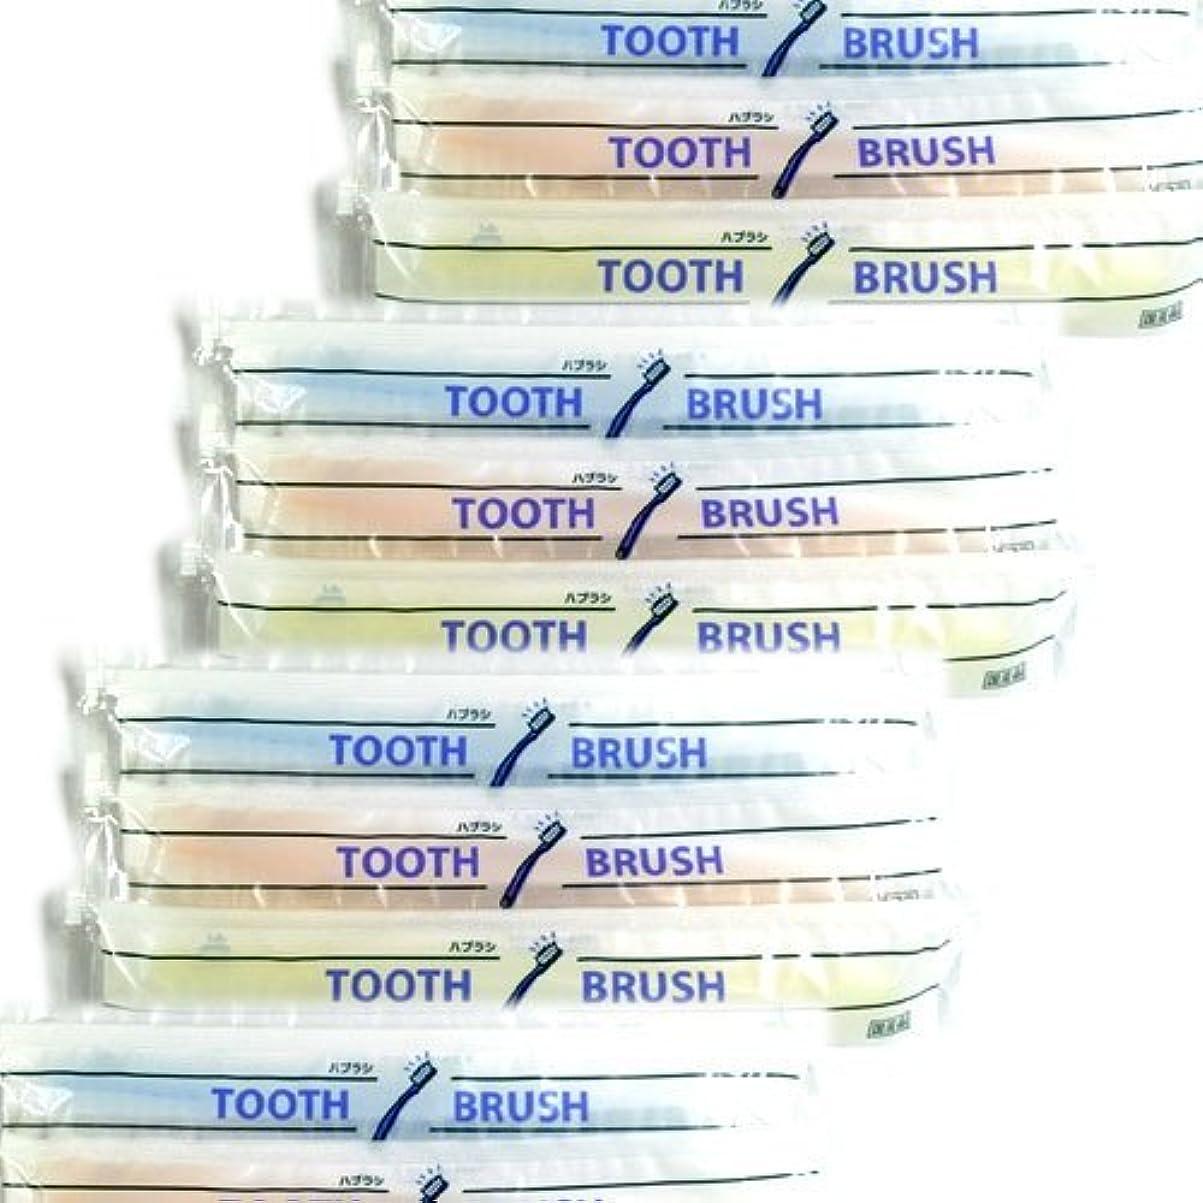 フィクションベアリングサークルパッケージホテルアメニティ 業務用 使い捨て(インスタント) 粉付き歯ブラシ × 20個セット